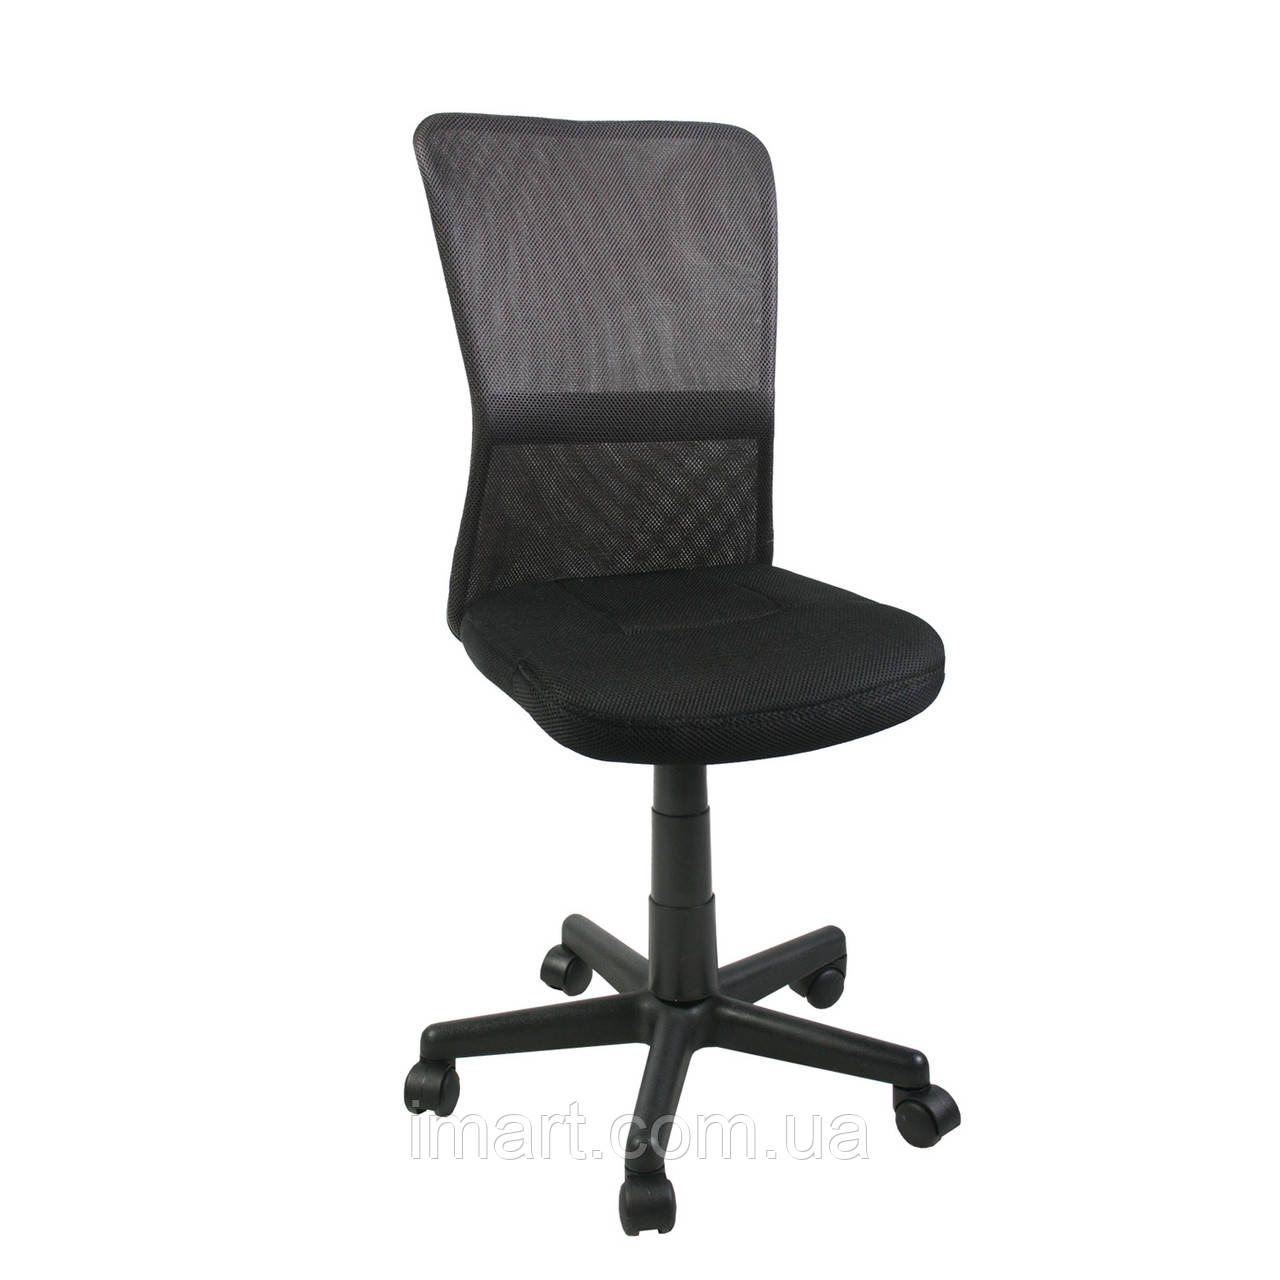 Детское компьютерное кресло Offce4You BELICE, Black/Grey